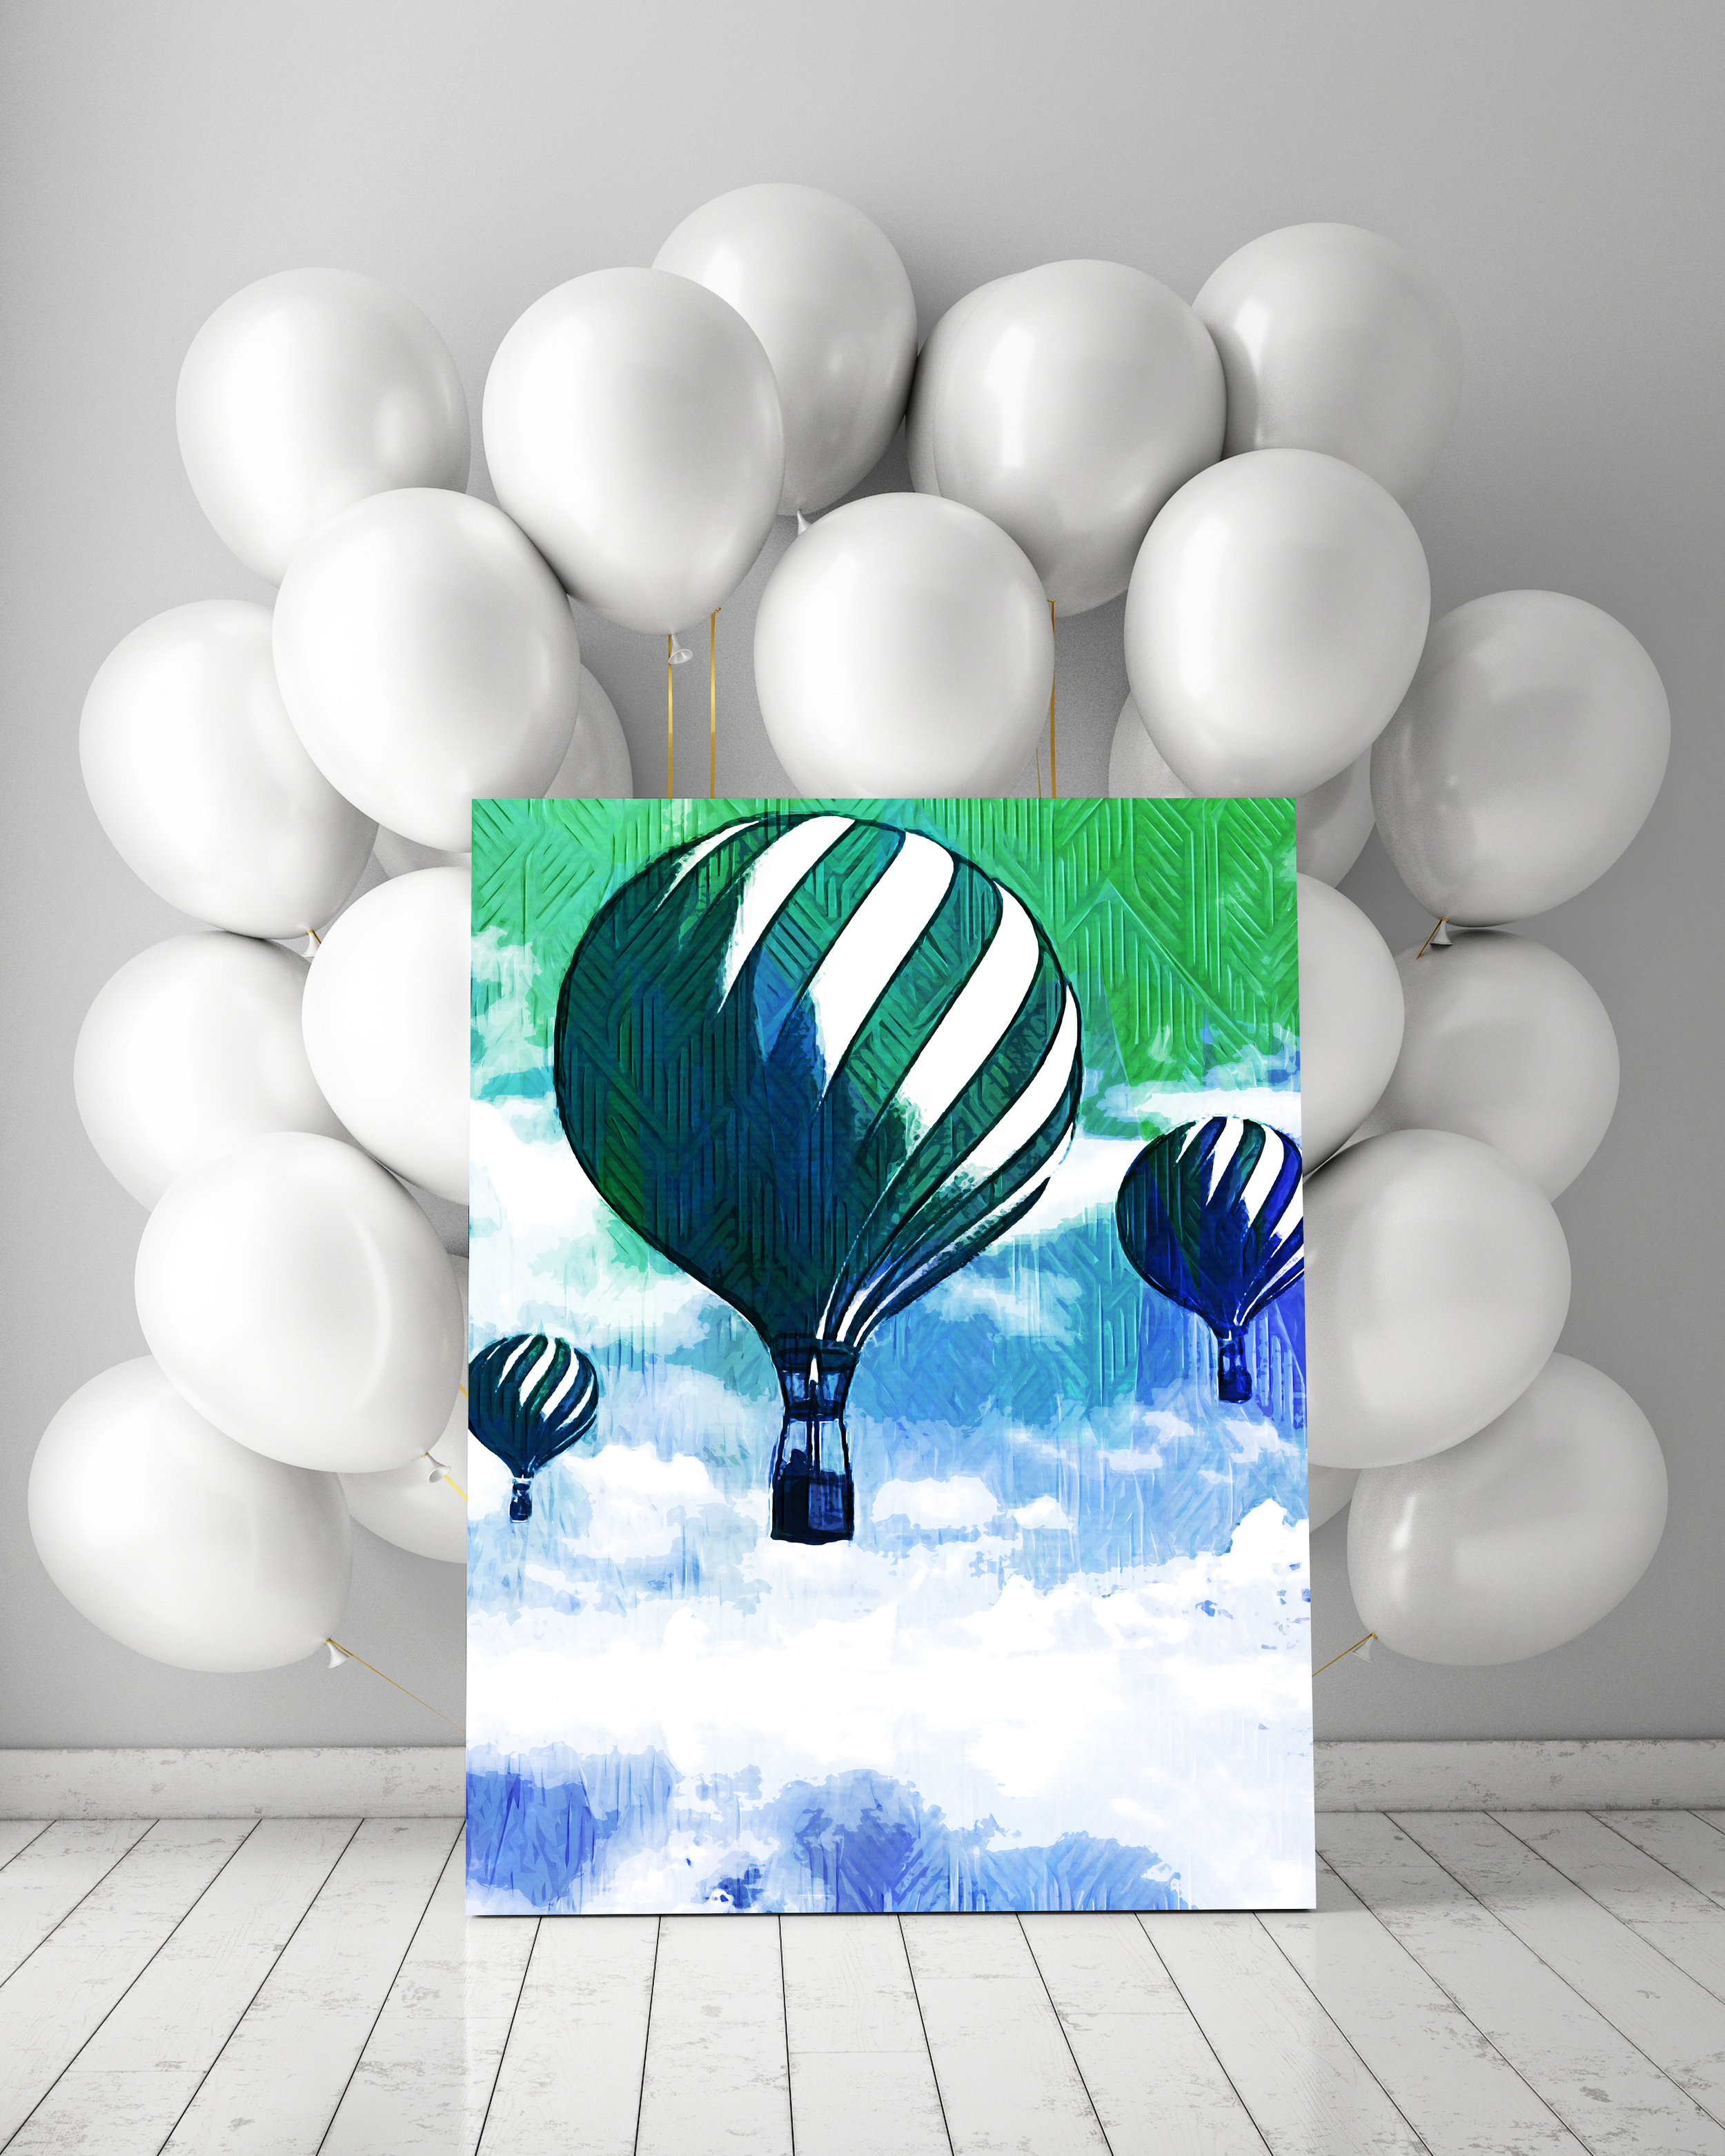 hotairballoonmockup.jpg